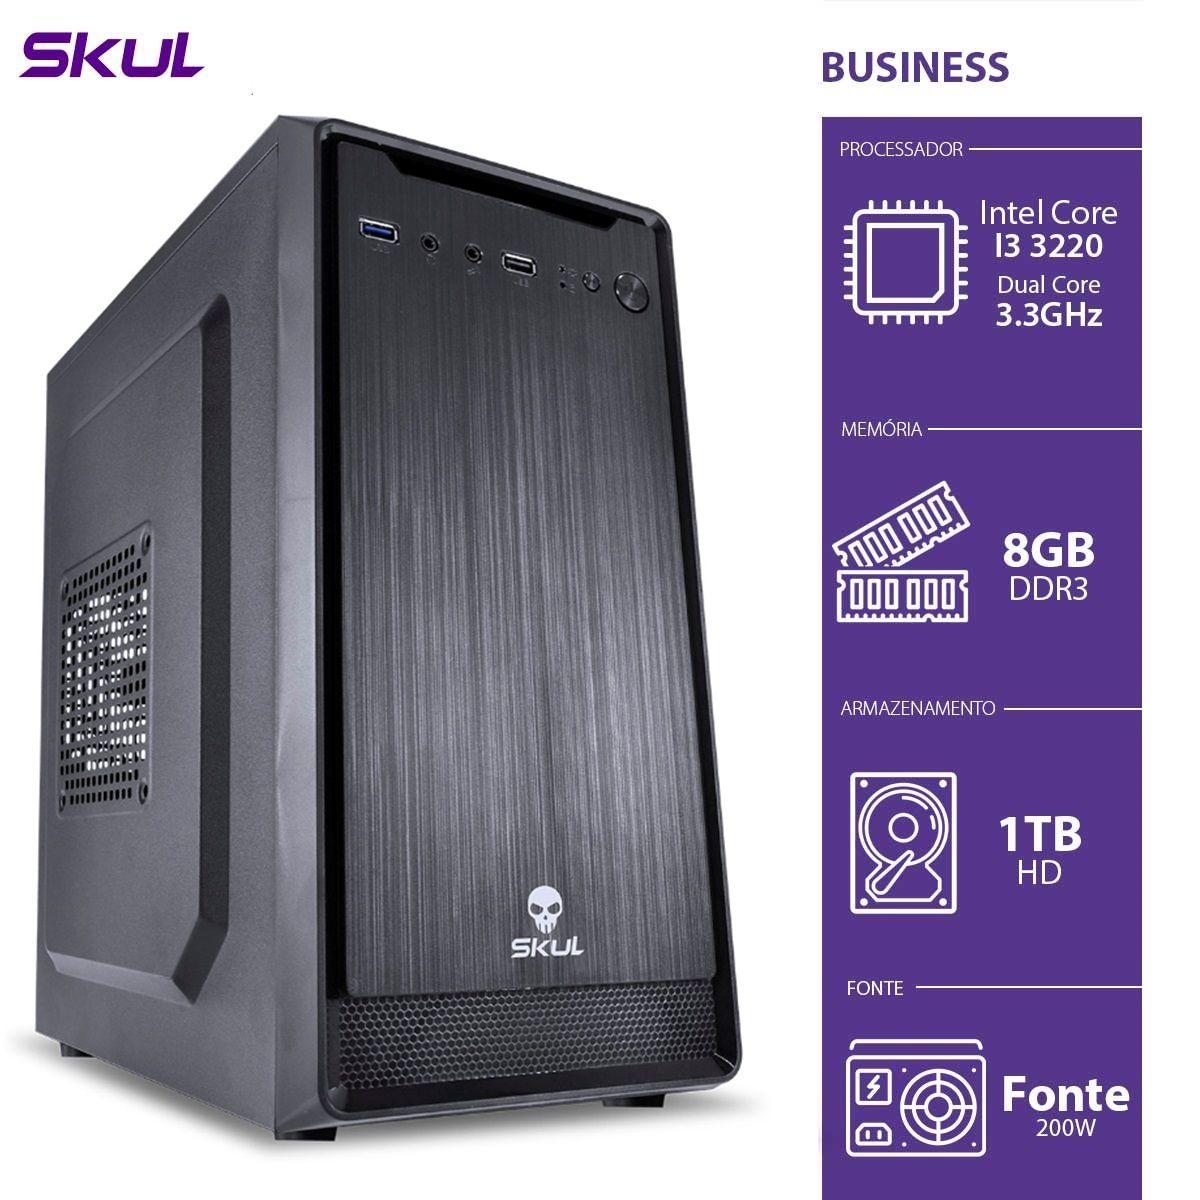 Computador Skul Business B300 - I3, 8G, HD 1TB, FONTE 200W (Sob Encomenda)